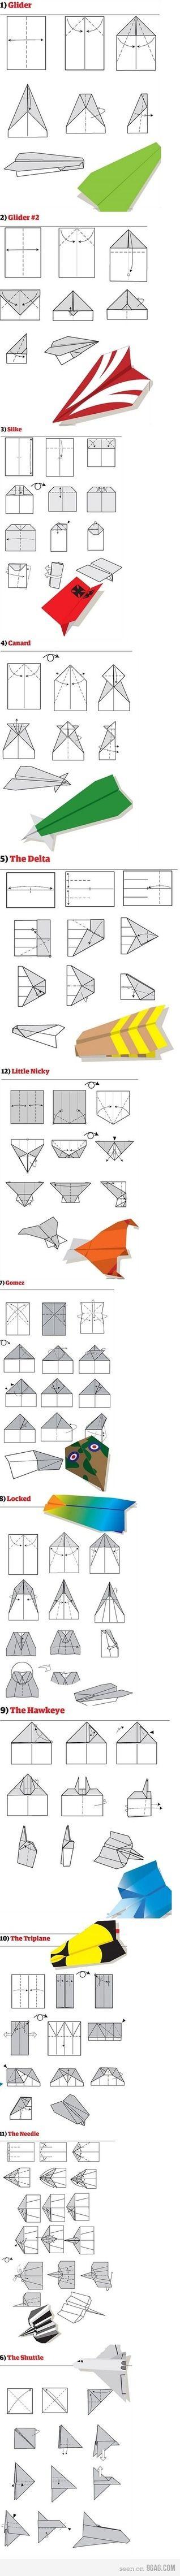 Paper airplanes! Wheeeeeooooow!: Origami Airplane, Paper Airplanes, Airplane Designs, Paper Airplane Instructions, Paper Planes